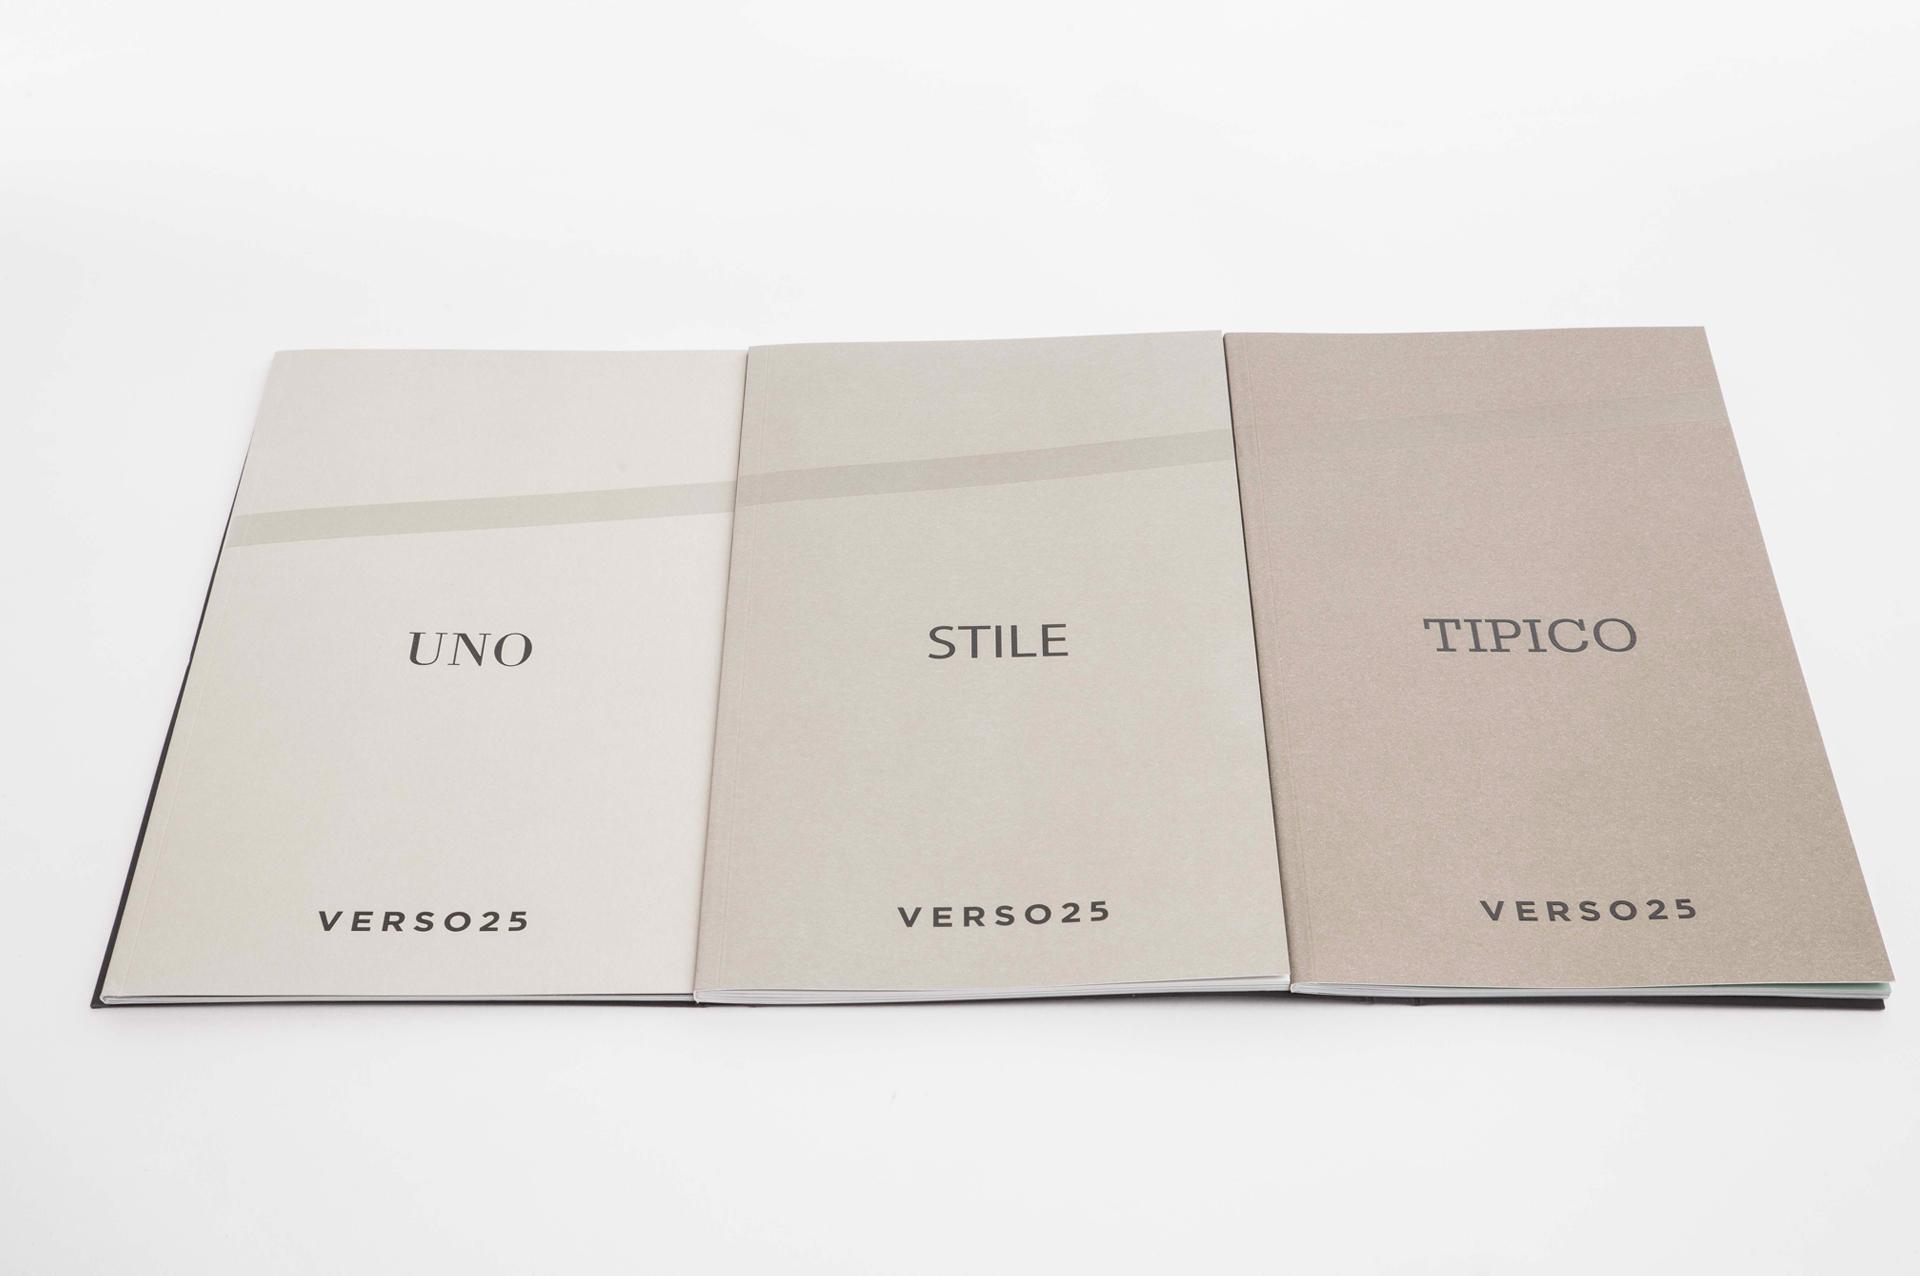 Grafiche-Pioppi_Verso25_MiniBook_003